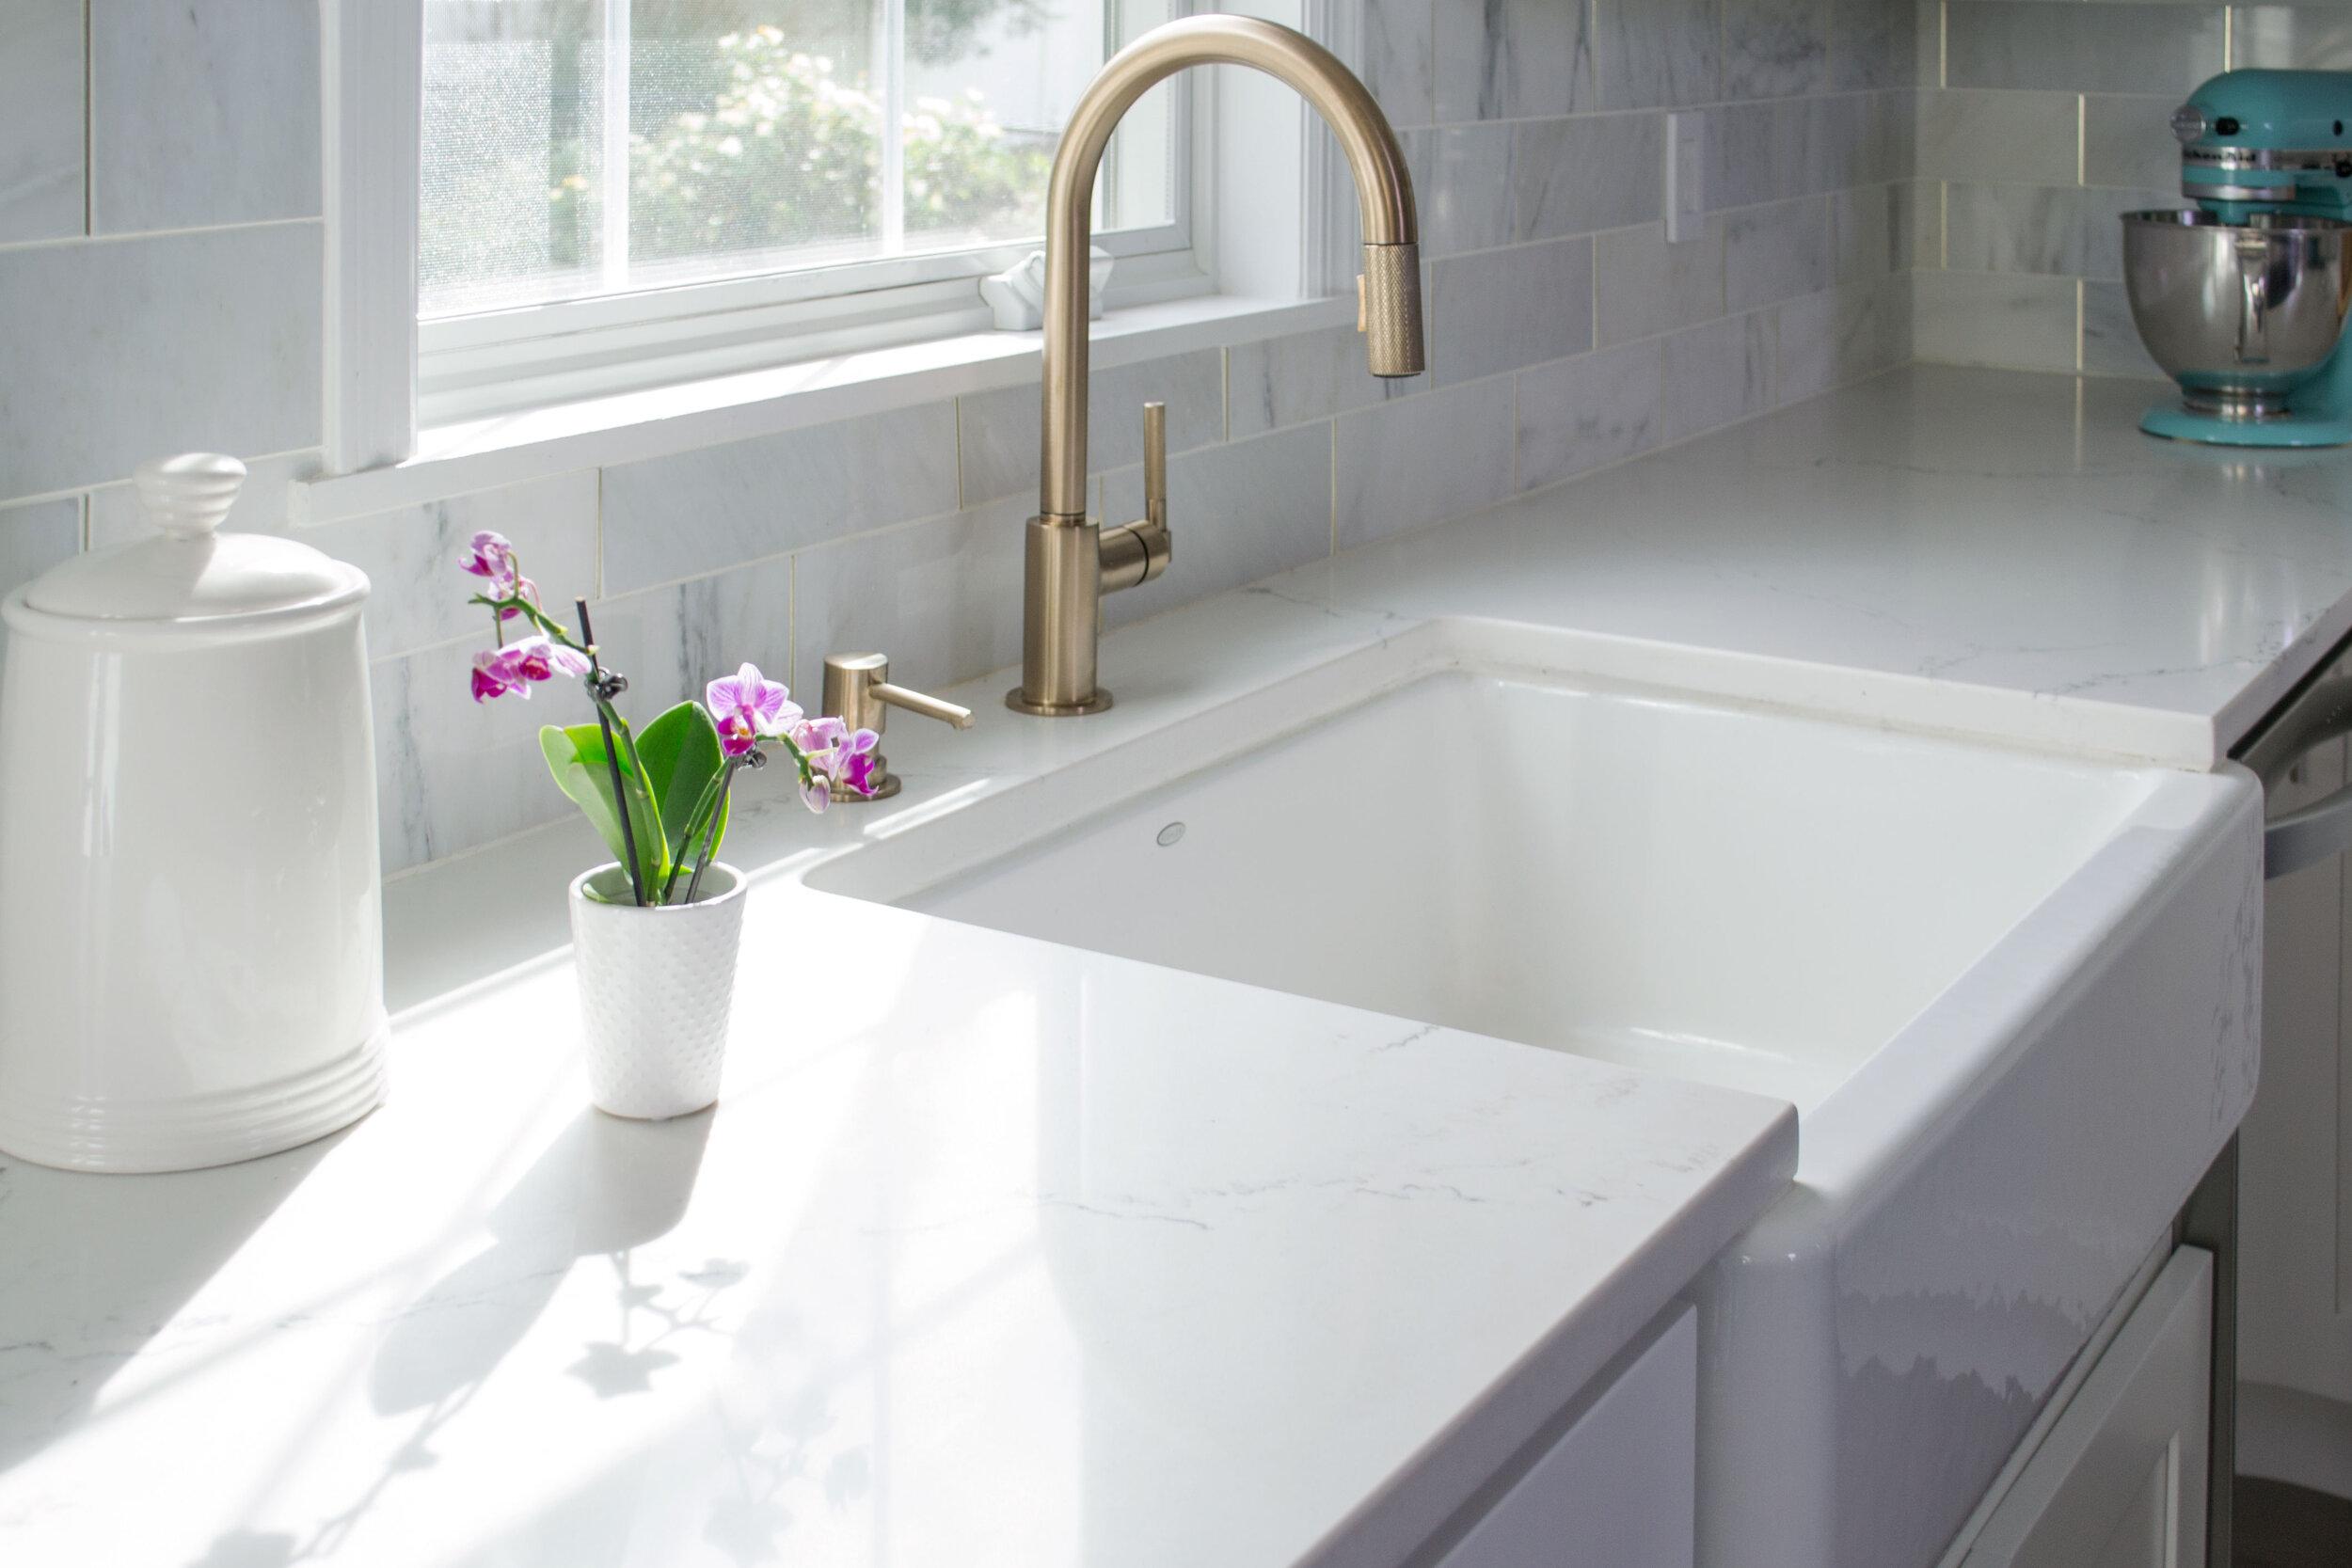 kitchen-modern-white-gray-tc-interiors-4.jpg